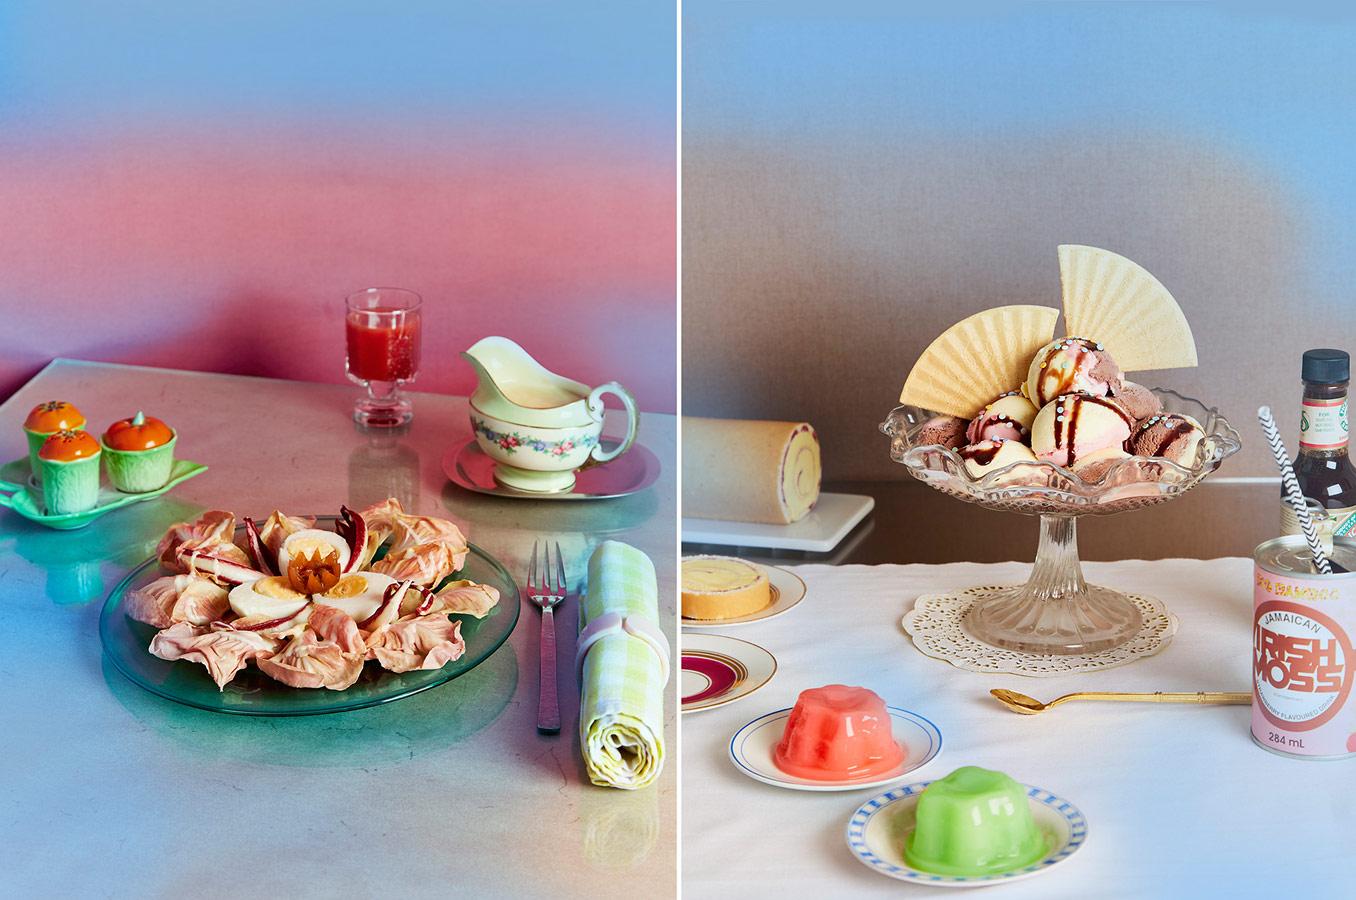 Советская столовая, © Луиза Хаггер, Лондон, Великобритания, Первое место в категории «Персональная работа» : профессионал, Конкурс фотографий еды «Вкус» — Taste